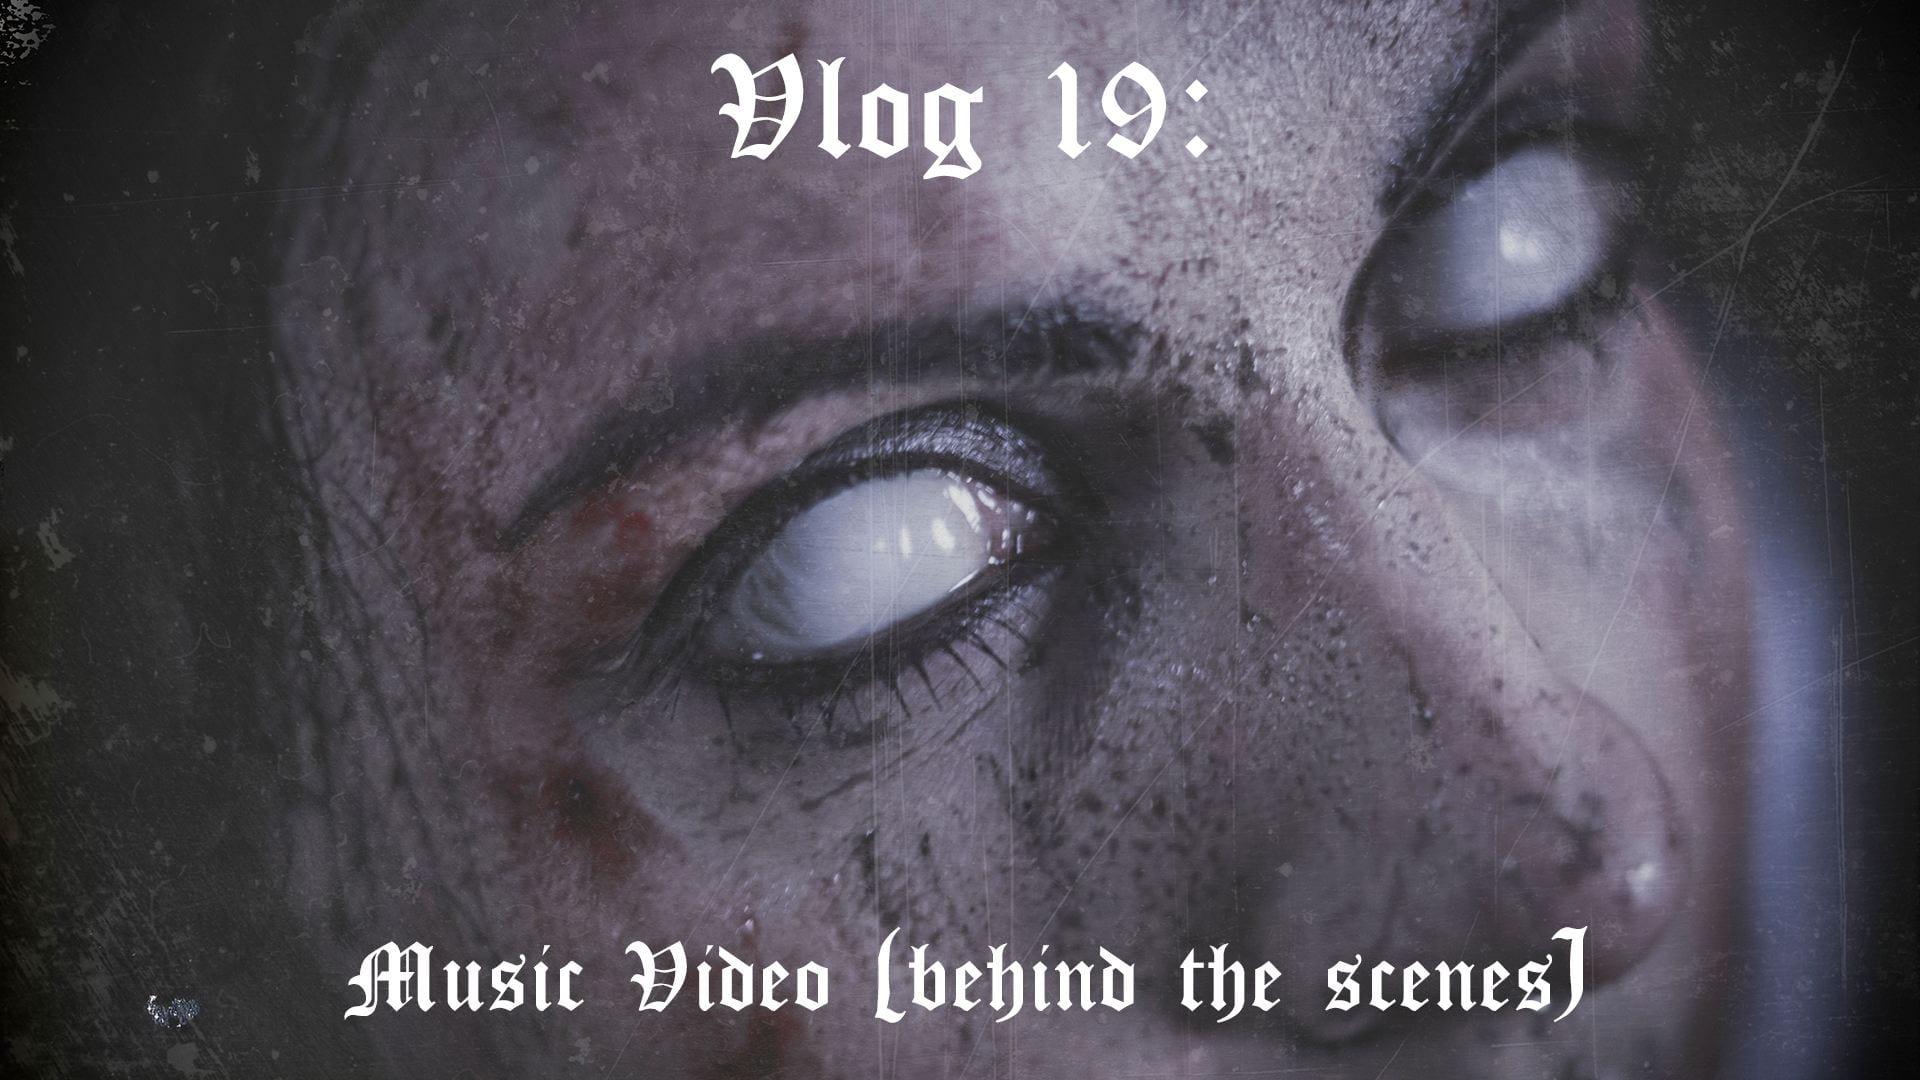 Behind the scenes vlog